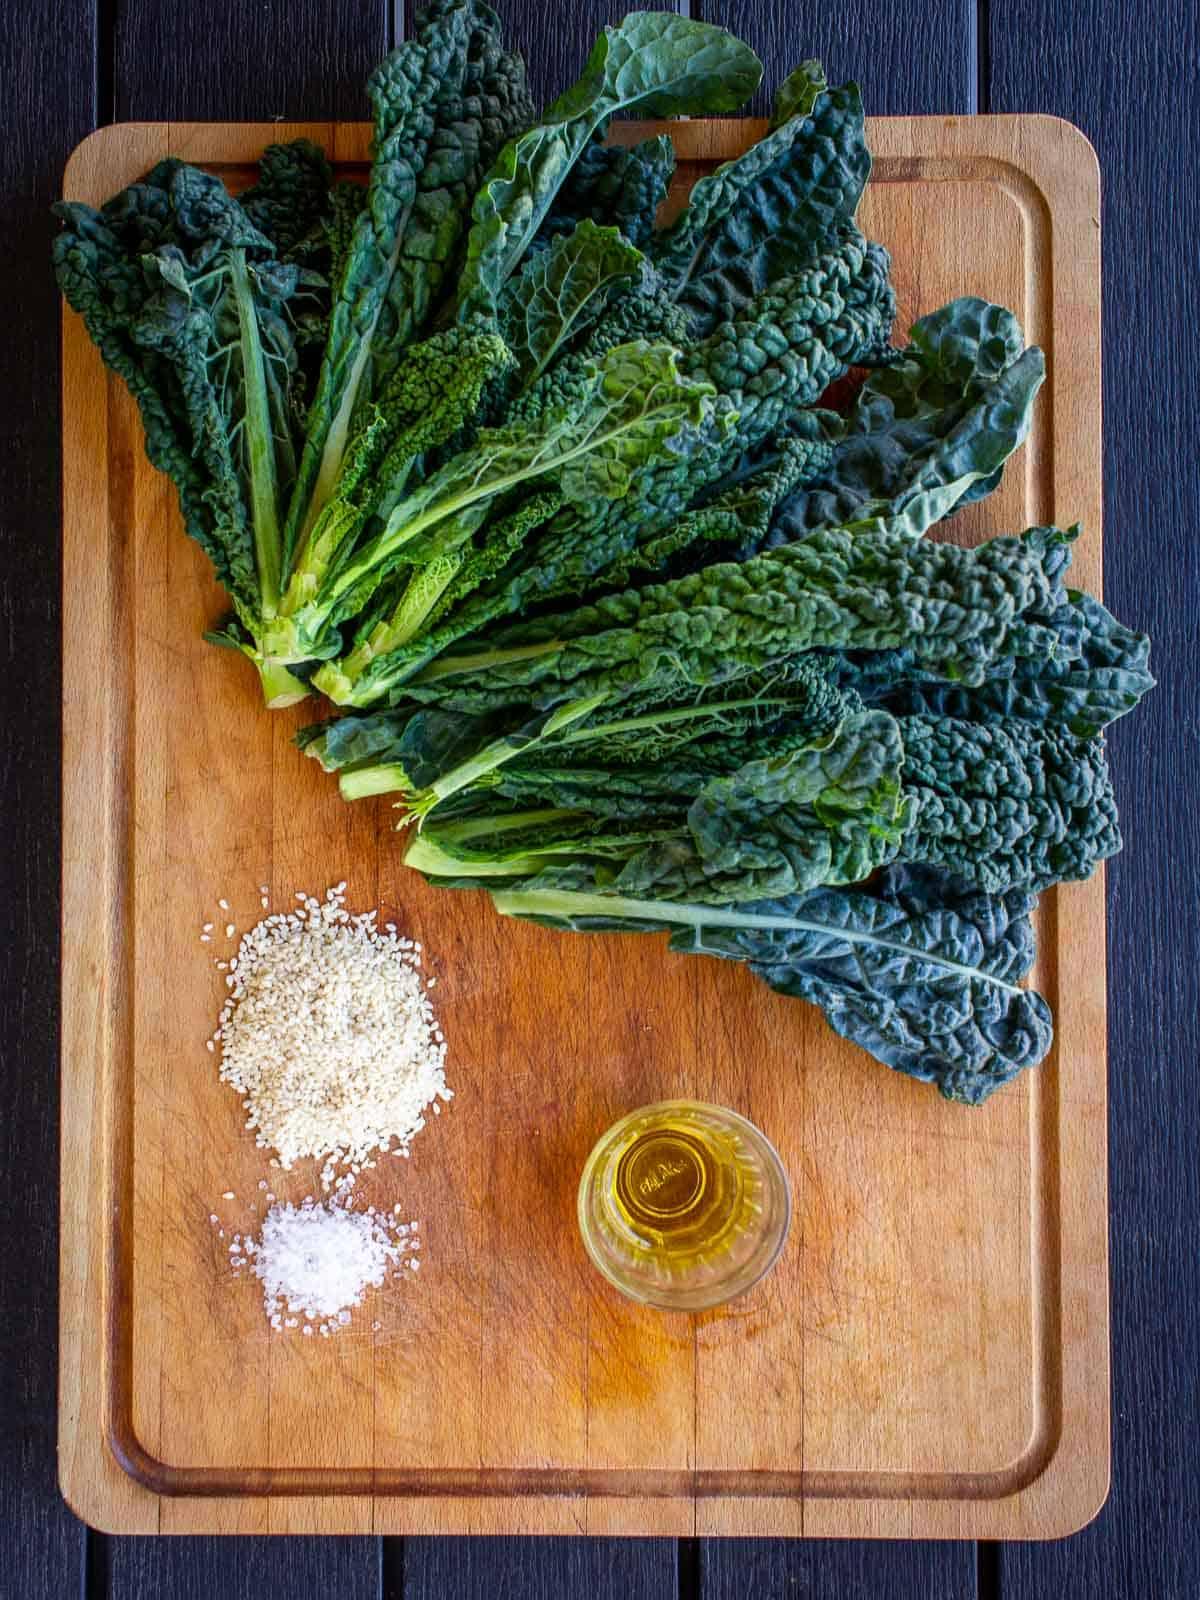 crispy kale ingredients